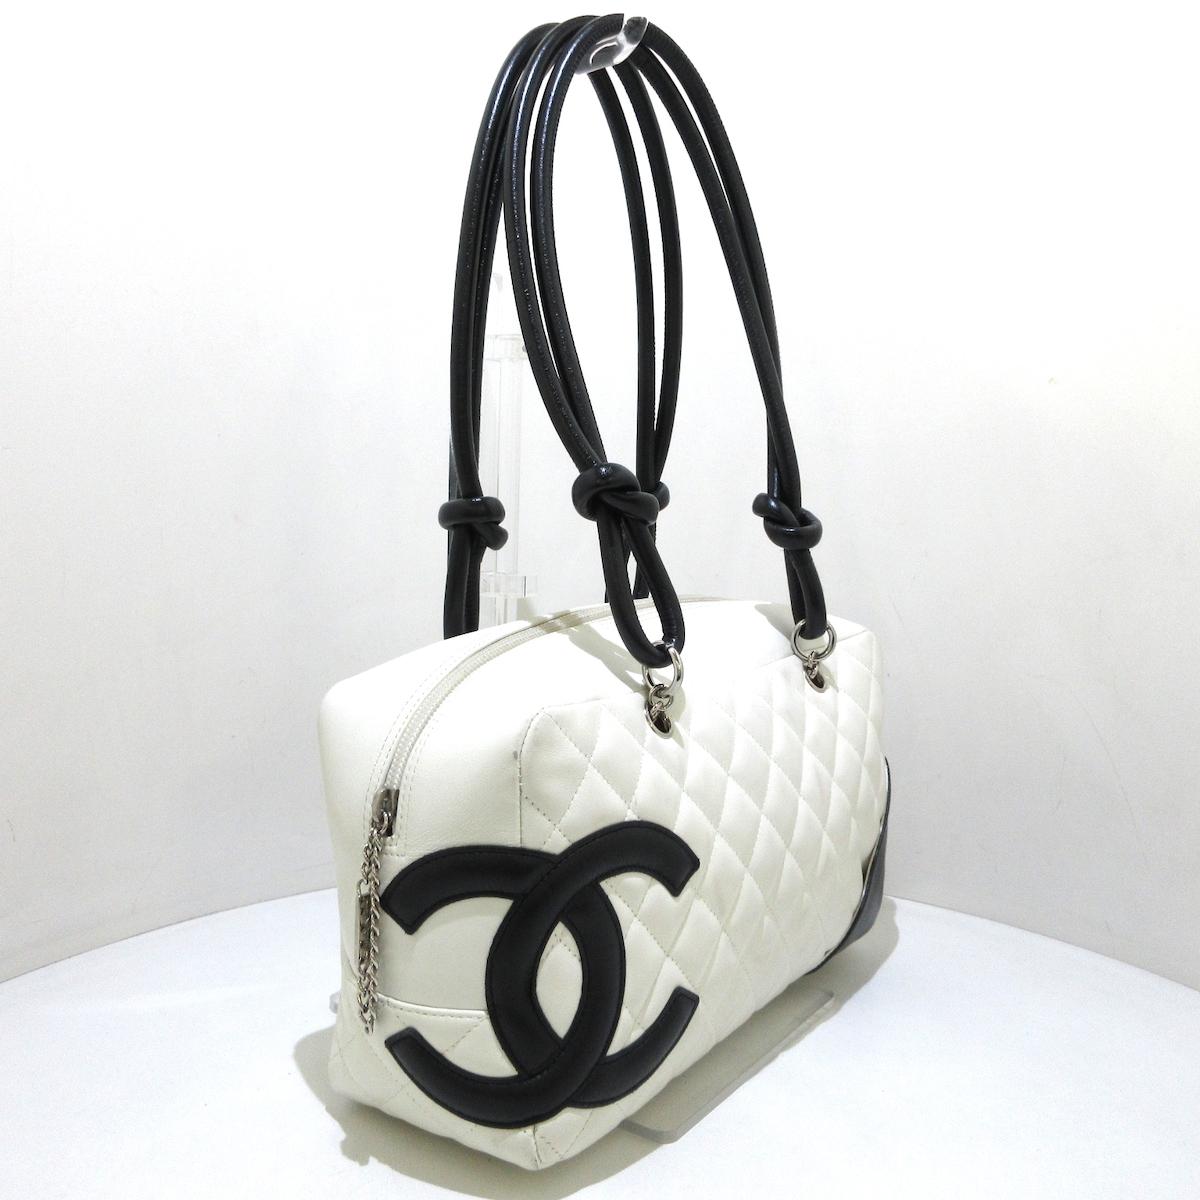 CHANEL(シャネル)のカンボンラインボーリングバッグ